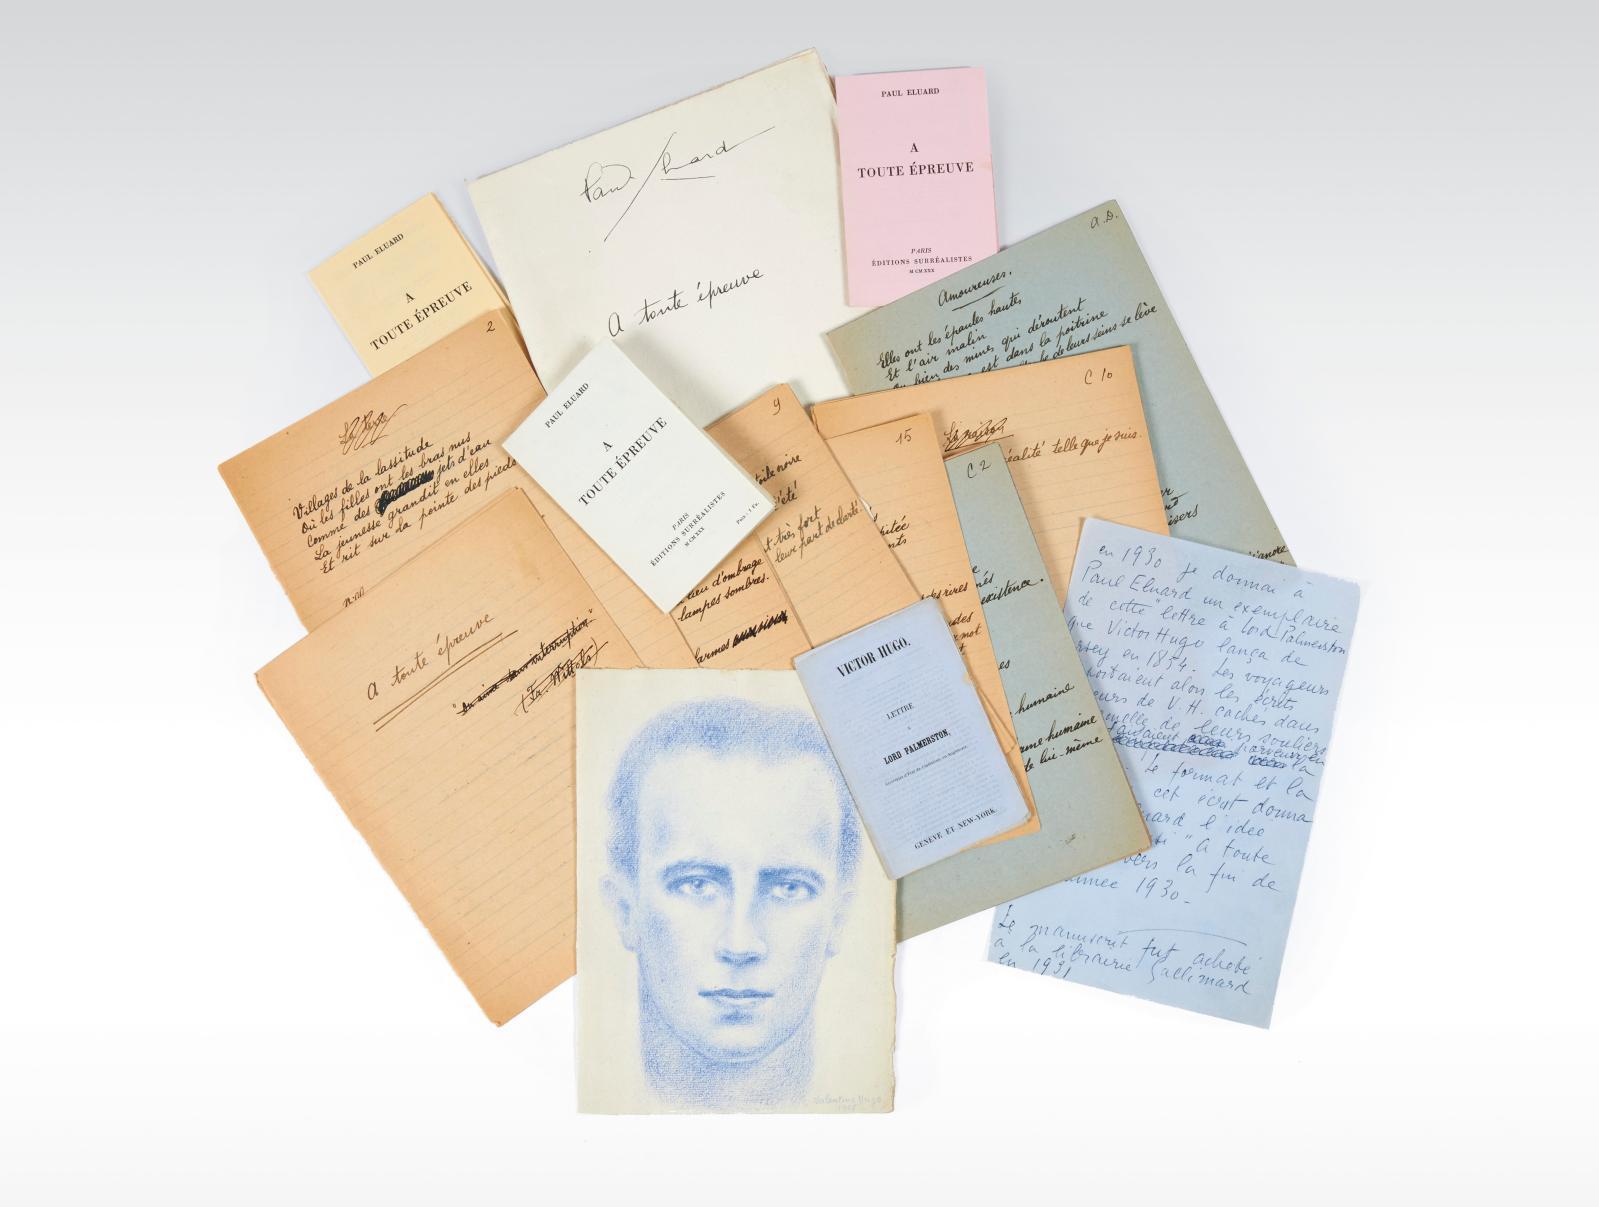 Paul Éluard (1895-1952). À toute épreuve. Paris, Éditions surréalistes, 1930, plaquette in-32, trois exemplaires tirés sur des papiers de